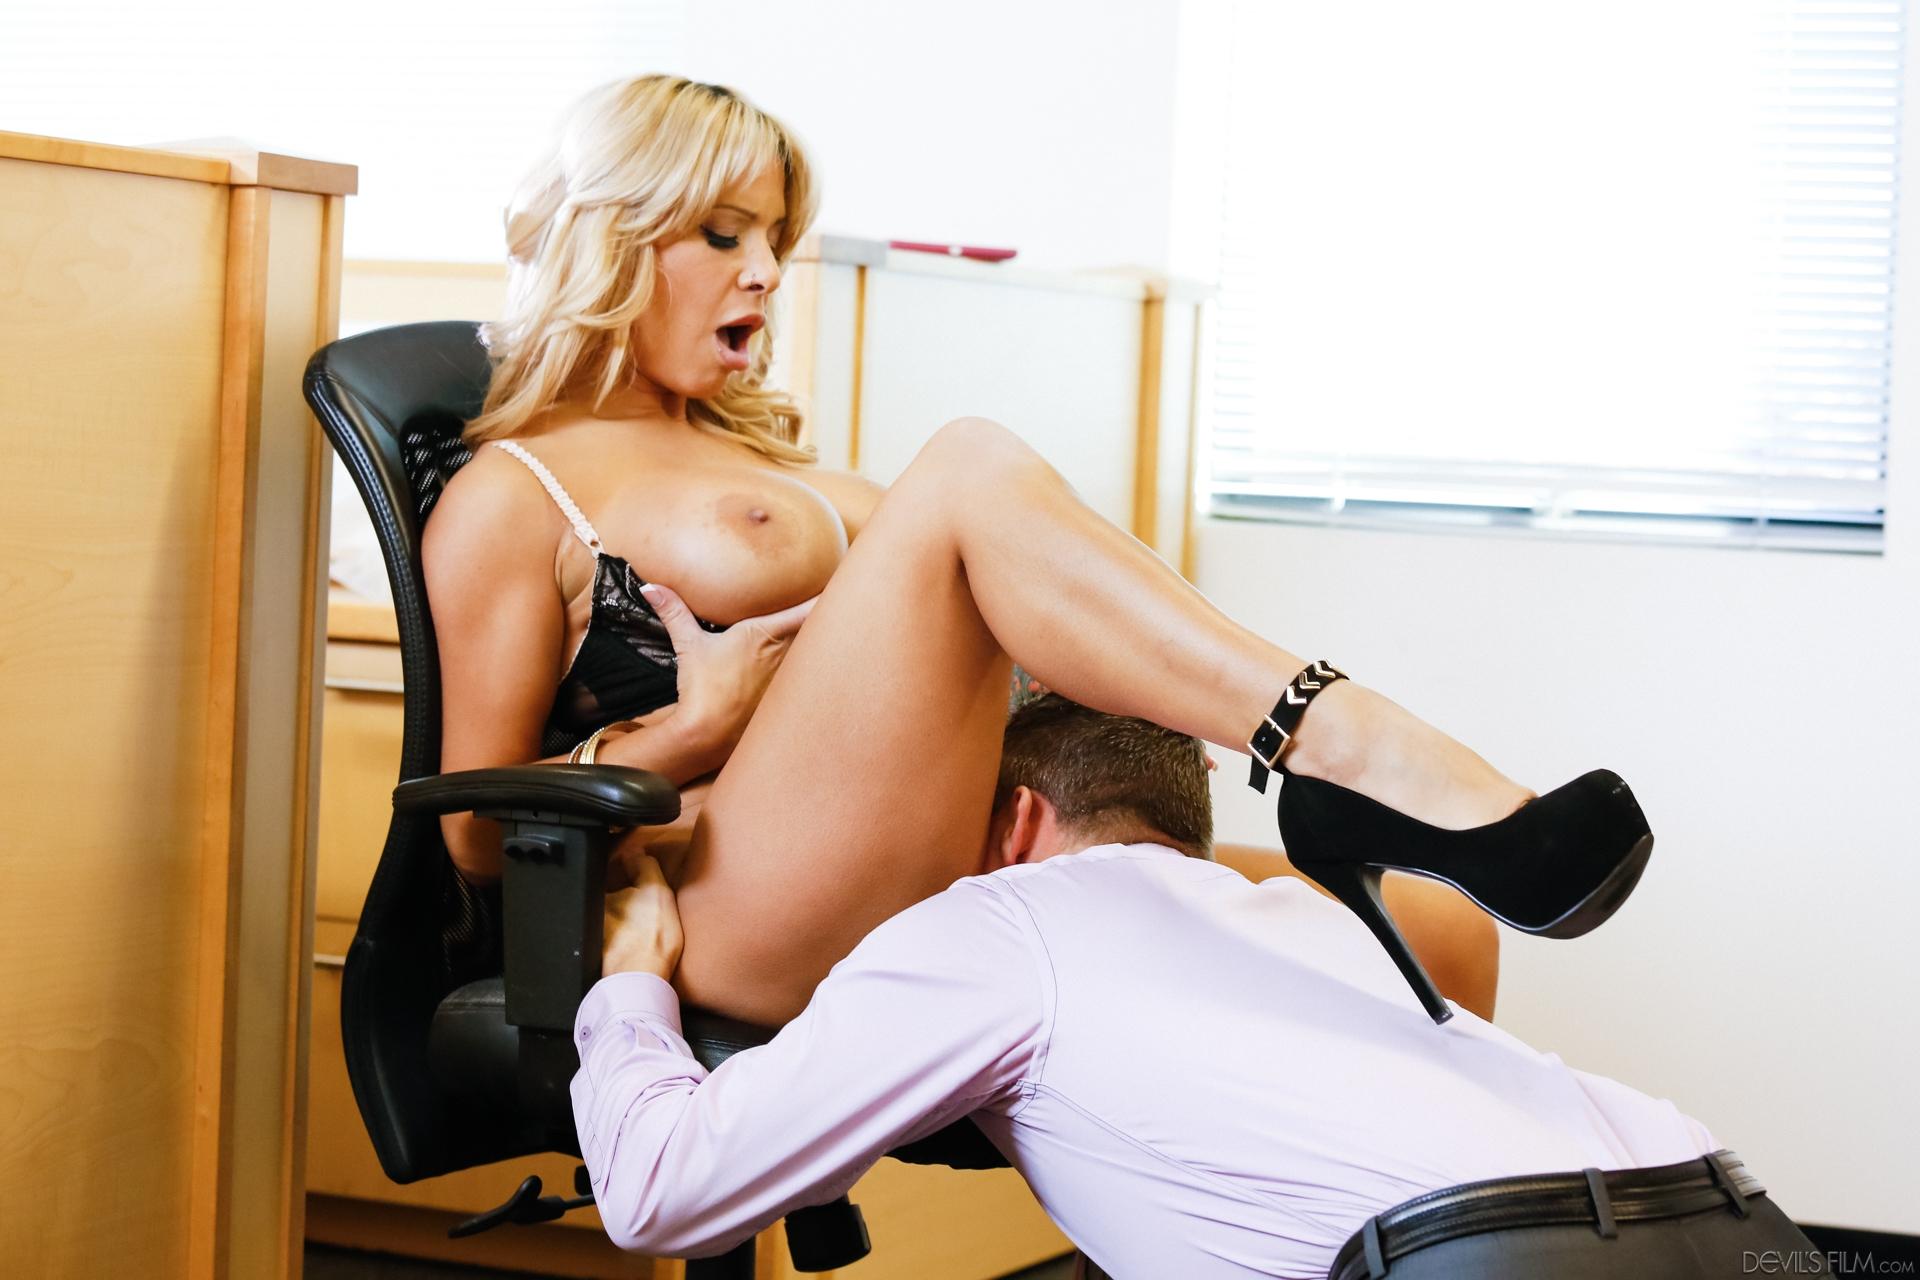 busty ole secretary milf going down on an executive #13